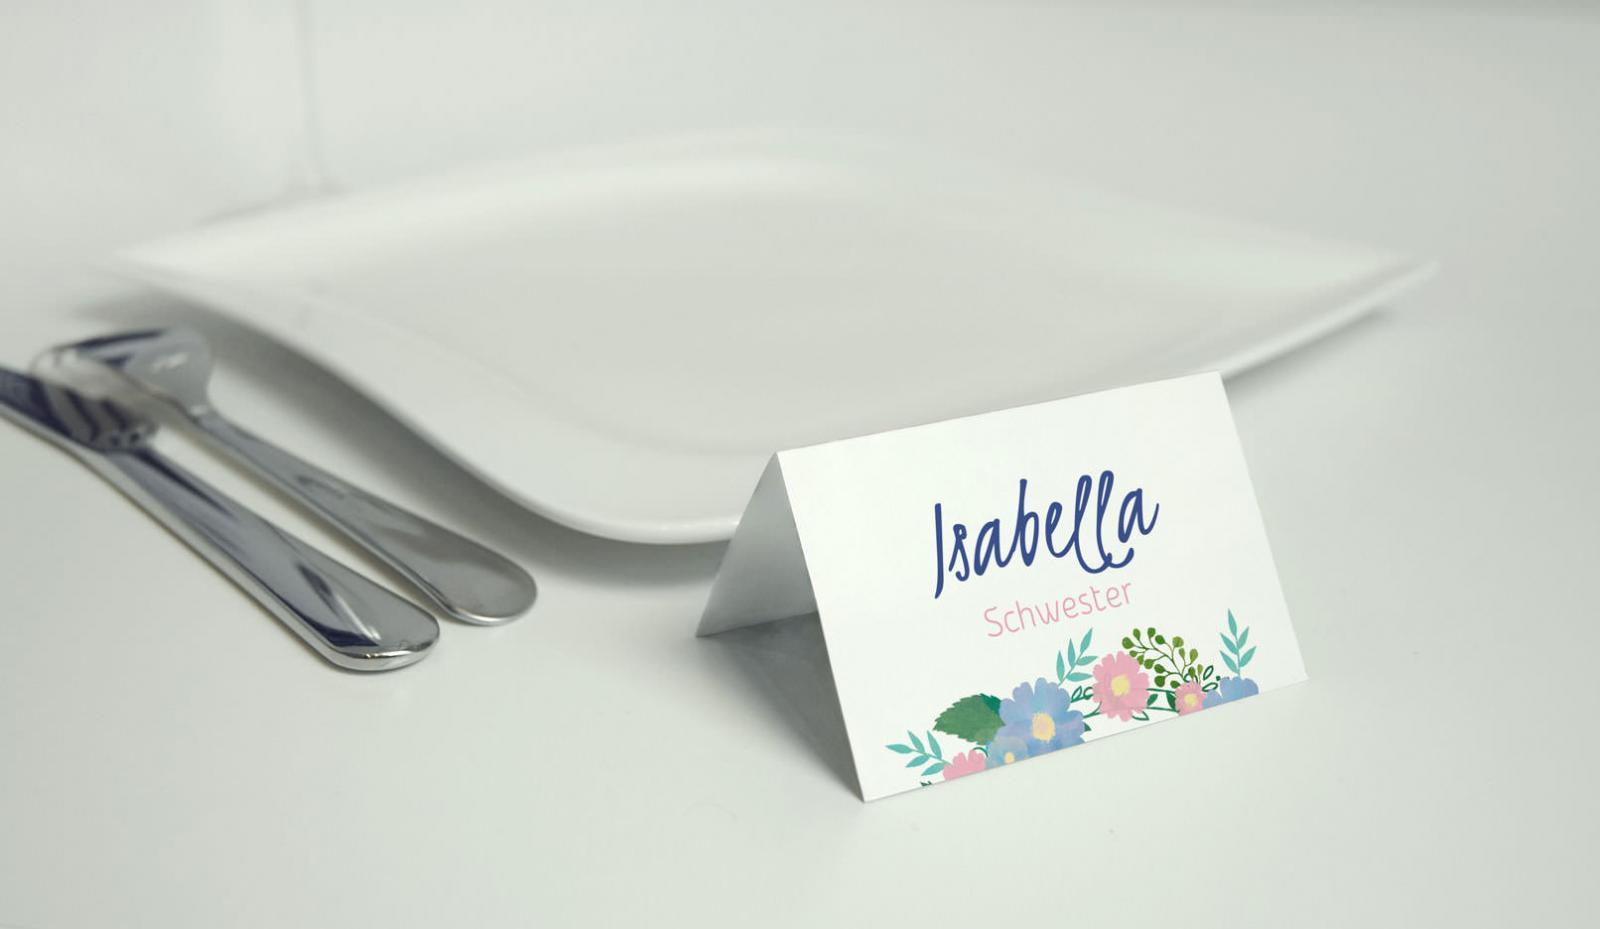 TischkartenVorlagen Hochzeit